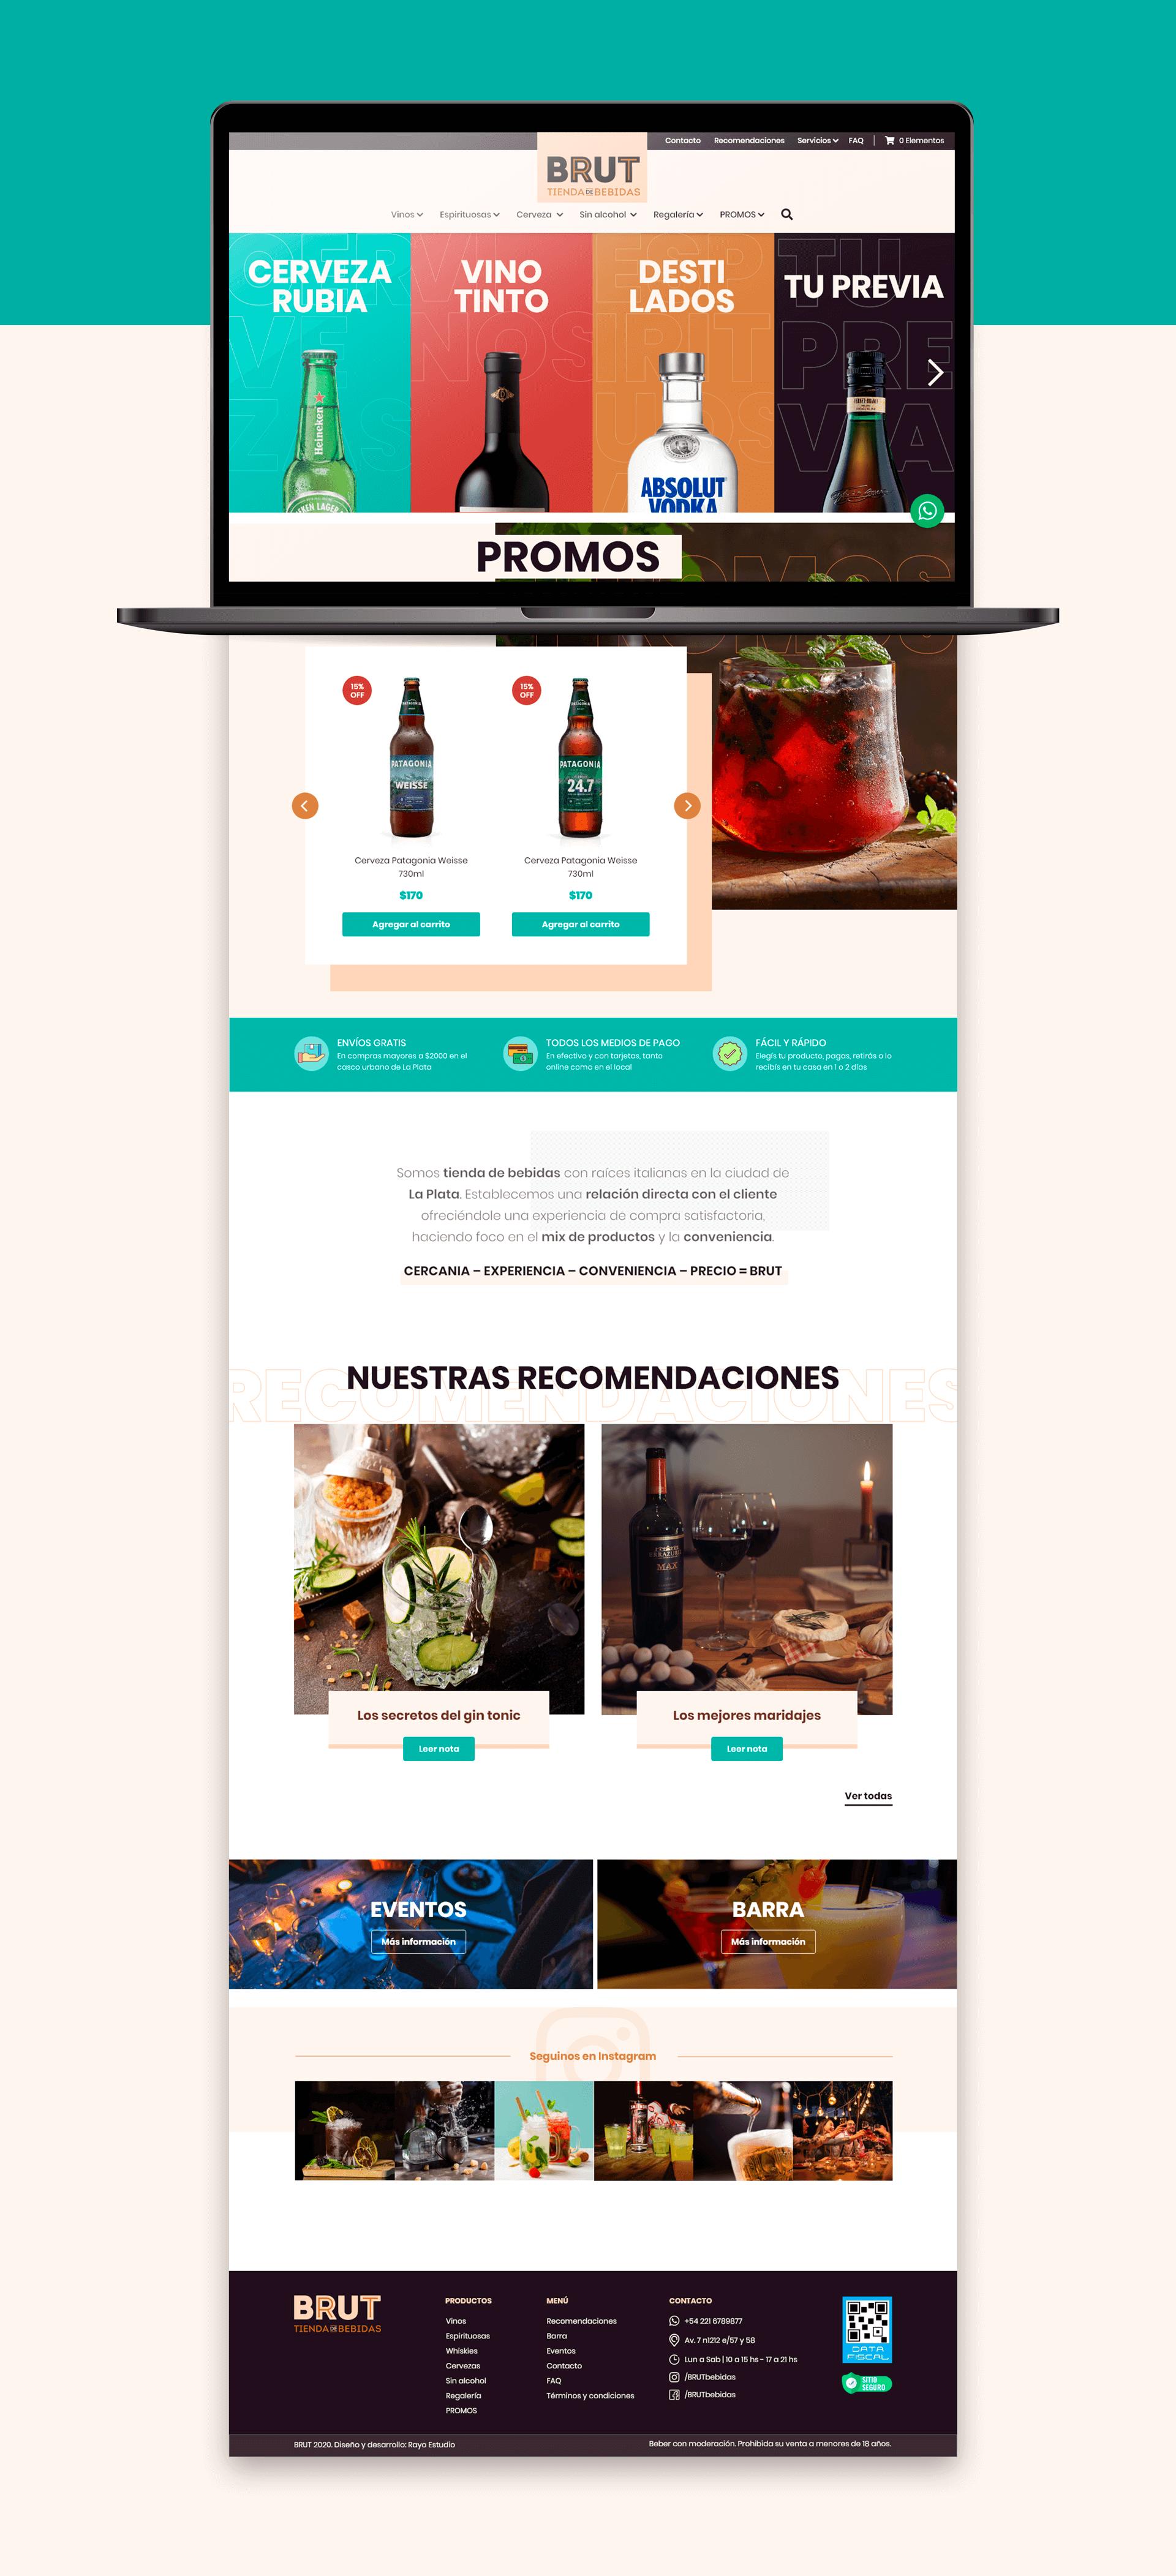 Web BRUT Tienda de bebidas